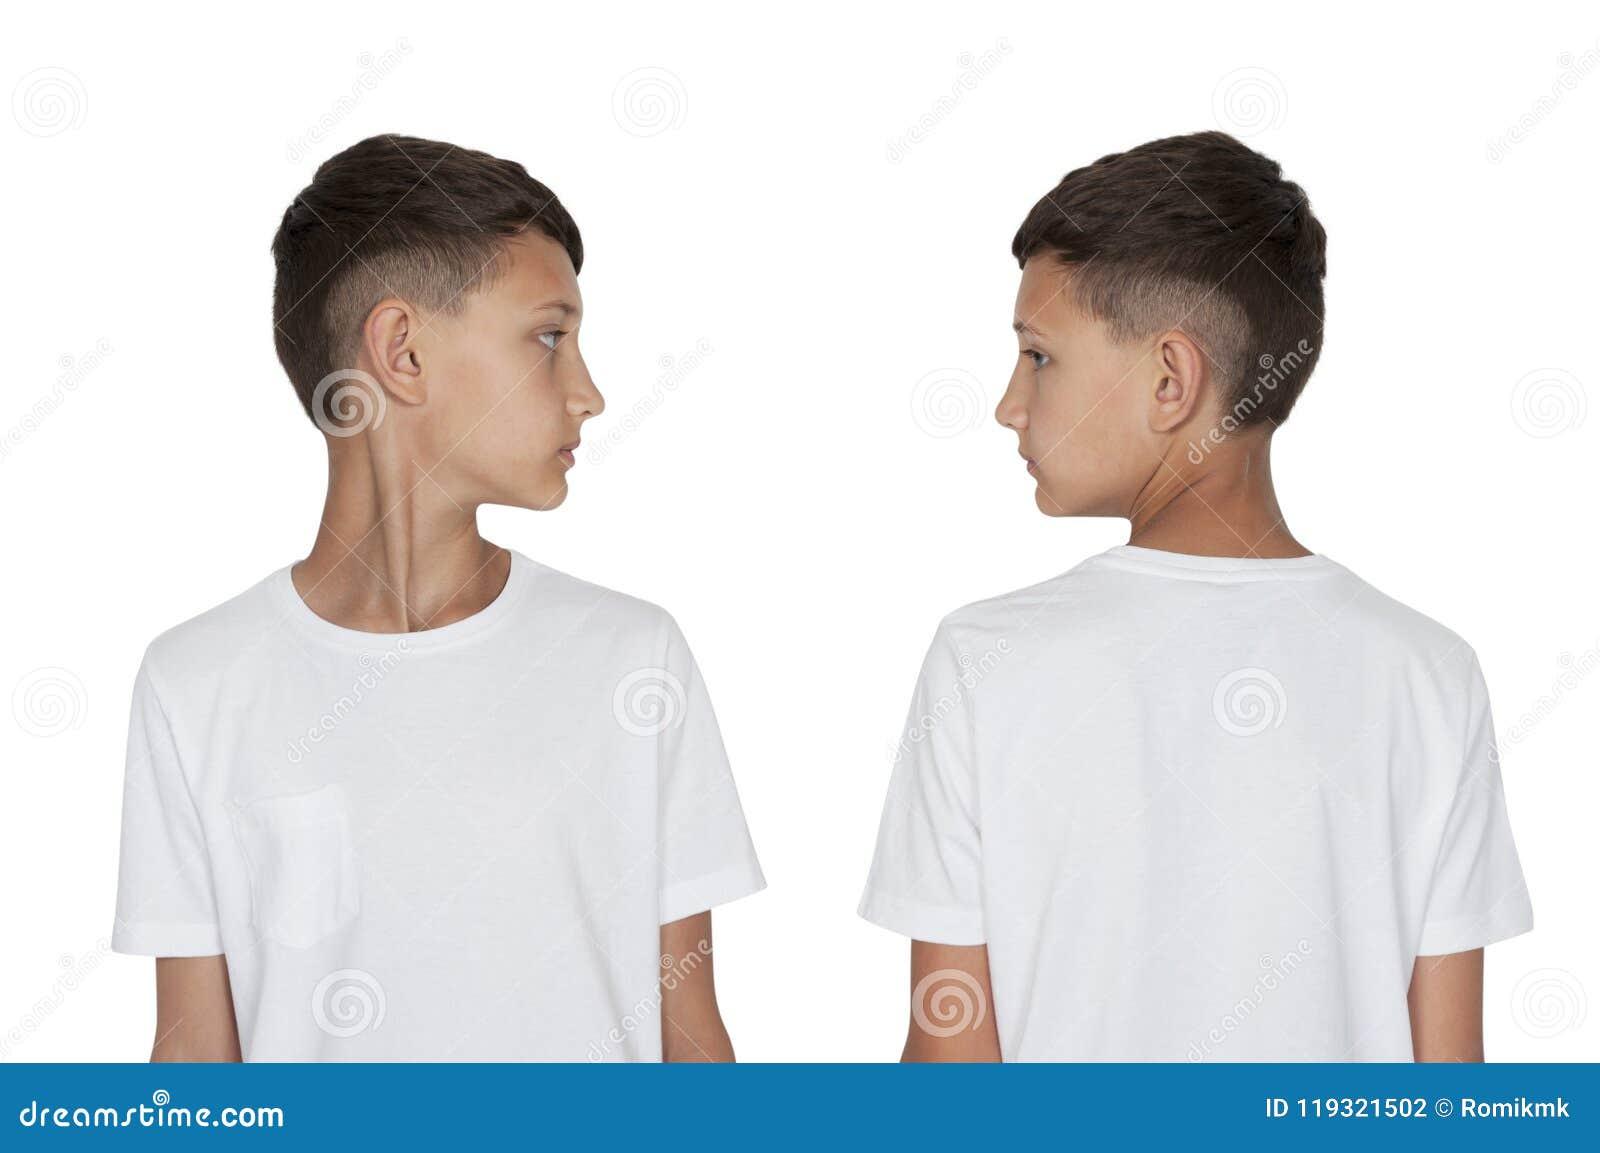 Ο έφηβος αγοριών γύρισε το κεφάλι του στο μέτωπο πλάγιας όψης και πίσω